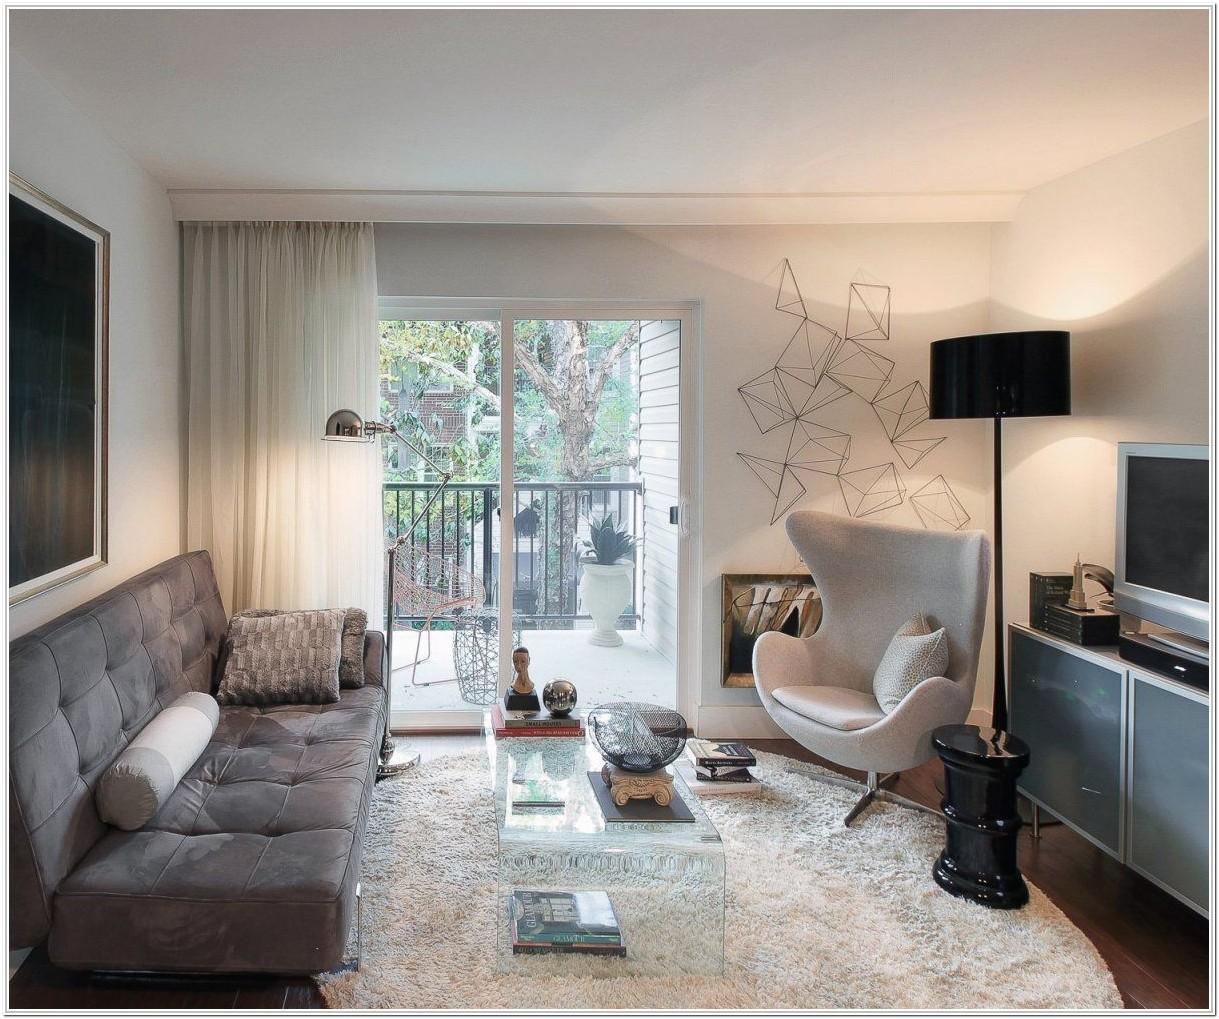 230 Square Feet Living Room Ideas